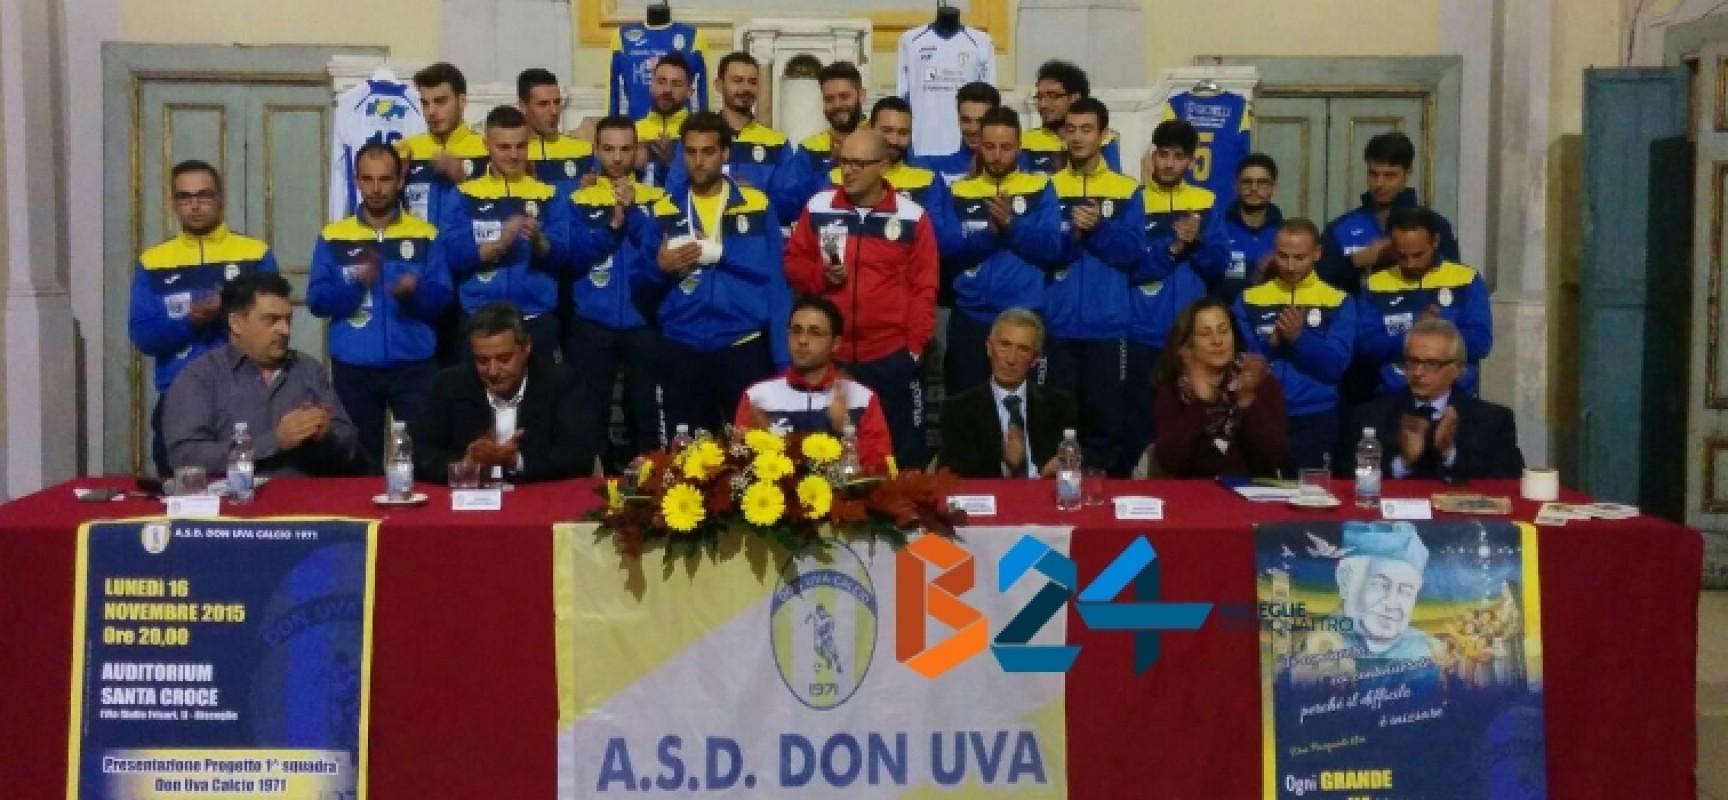 Riecco il Don Uva Calcio, dopo 16 anni rinasce la prima squadra